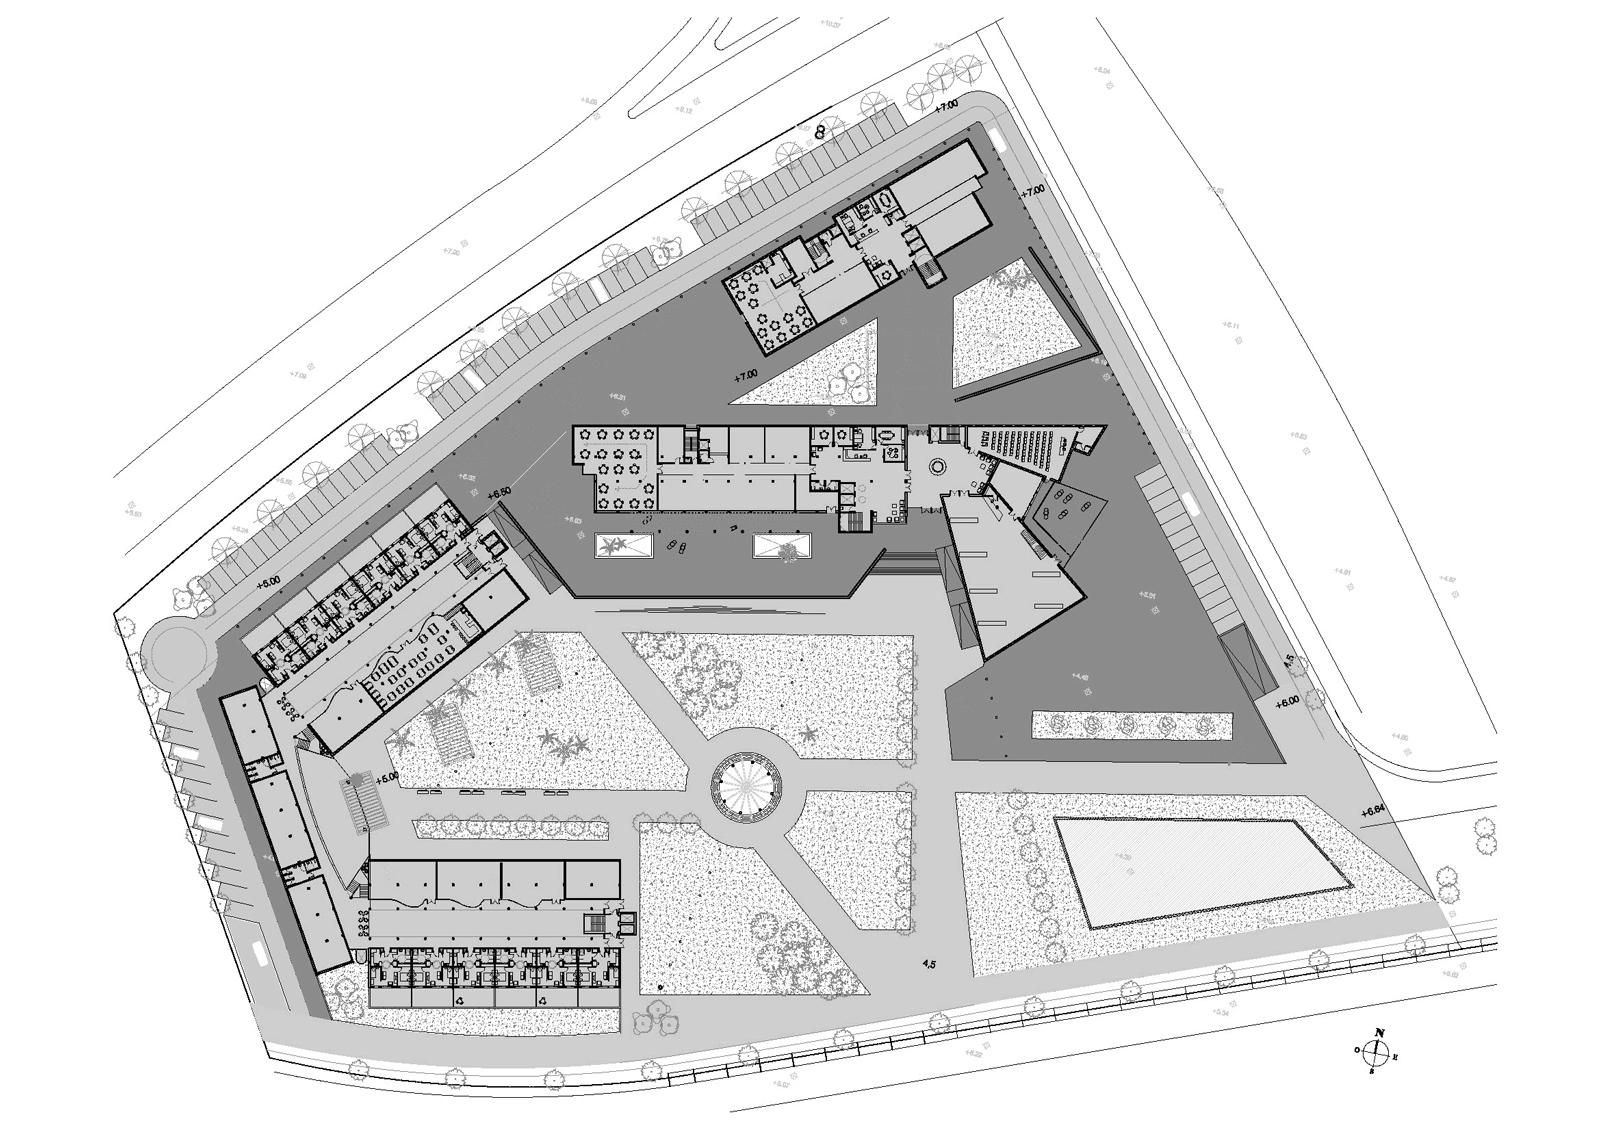 Caixetí. Projecte d'obra nova: 2006 Conjunt gerontològic i assistencial